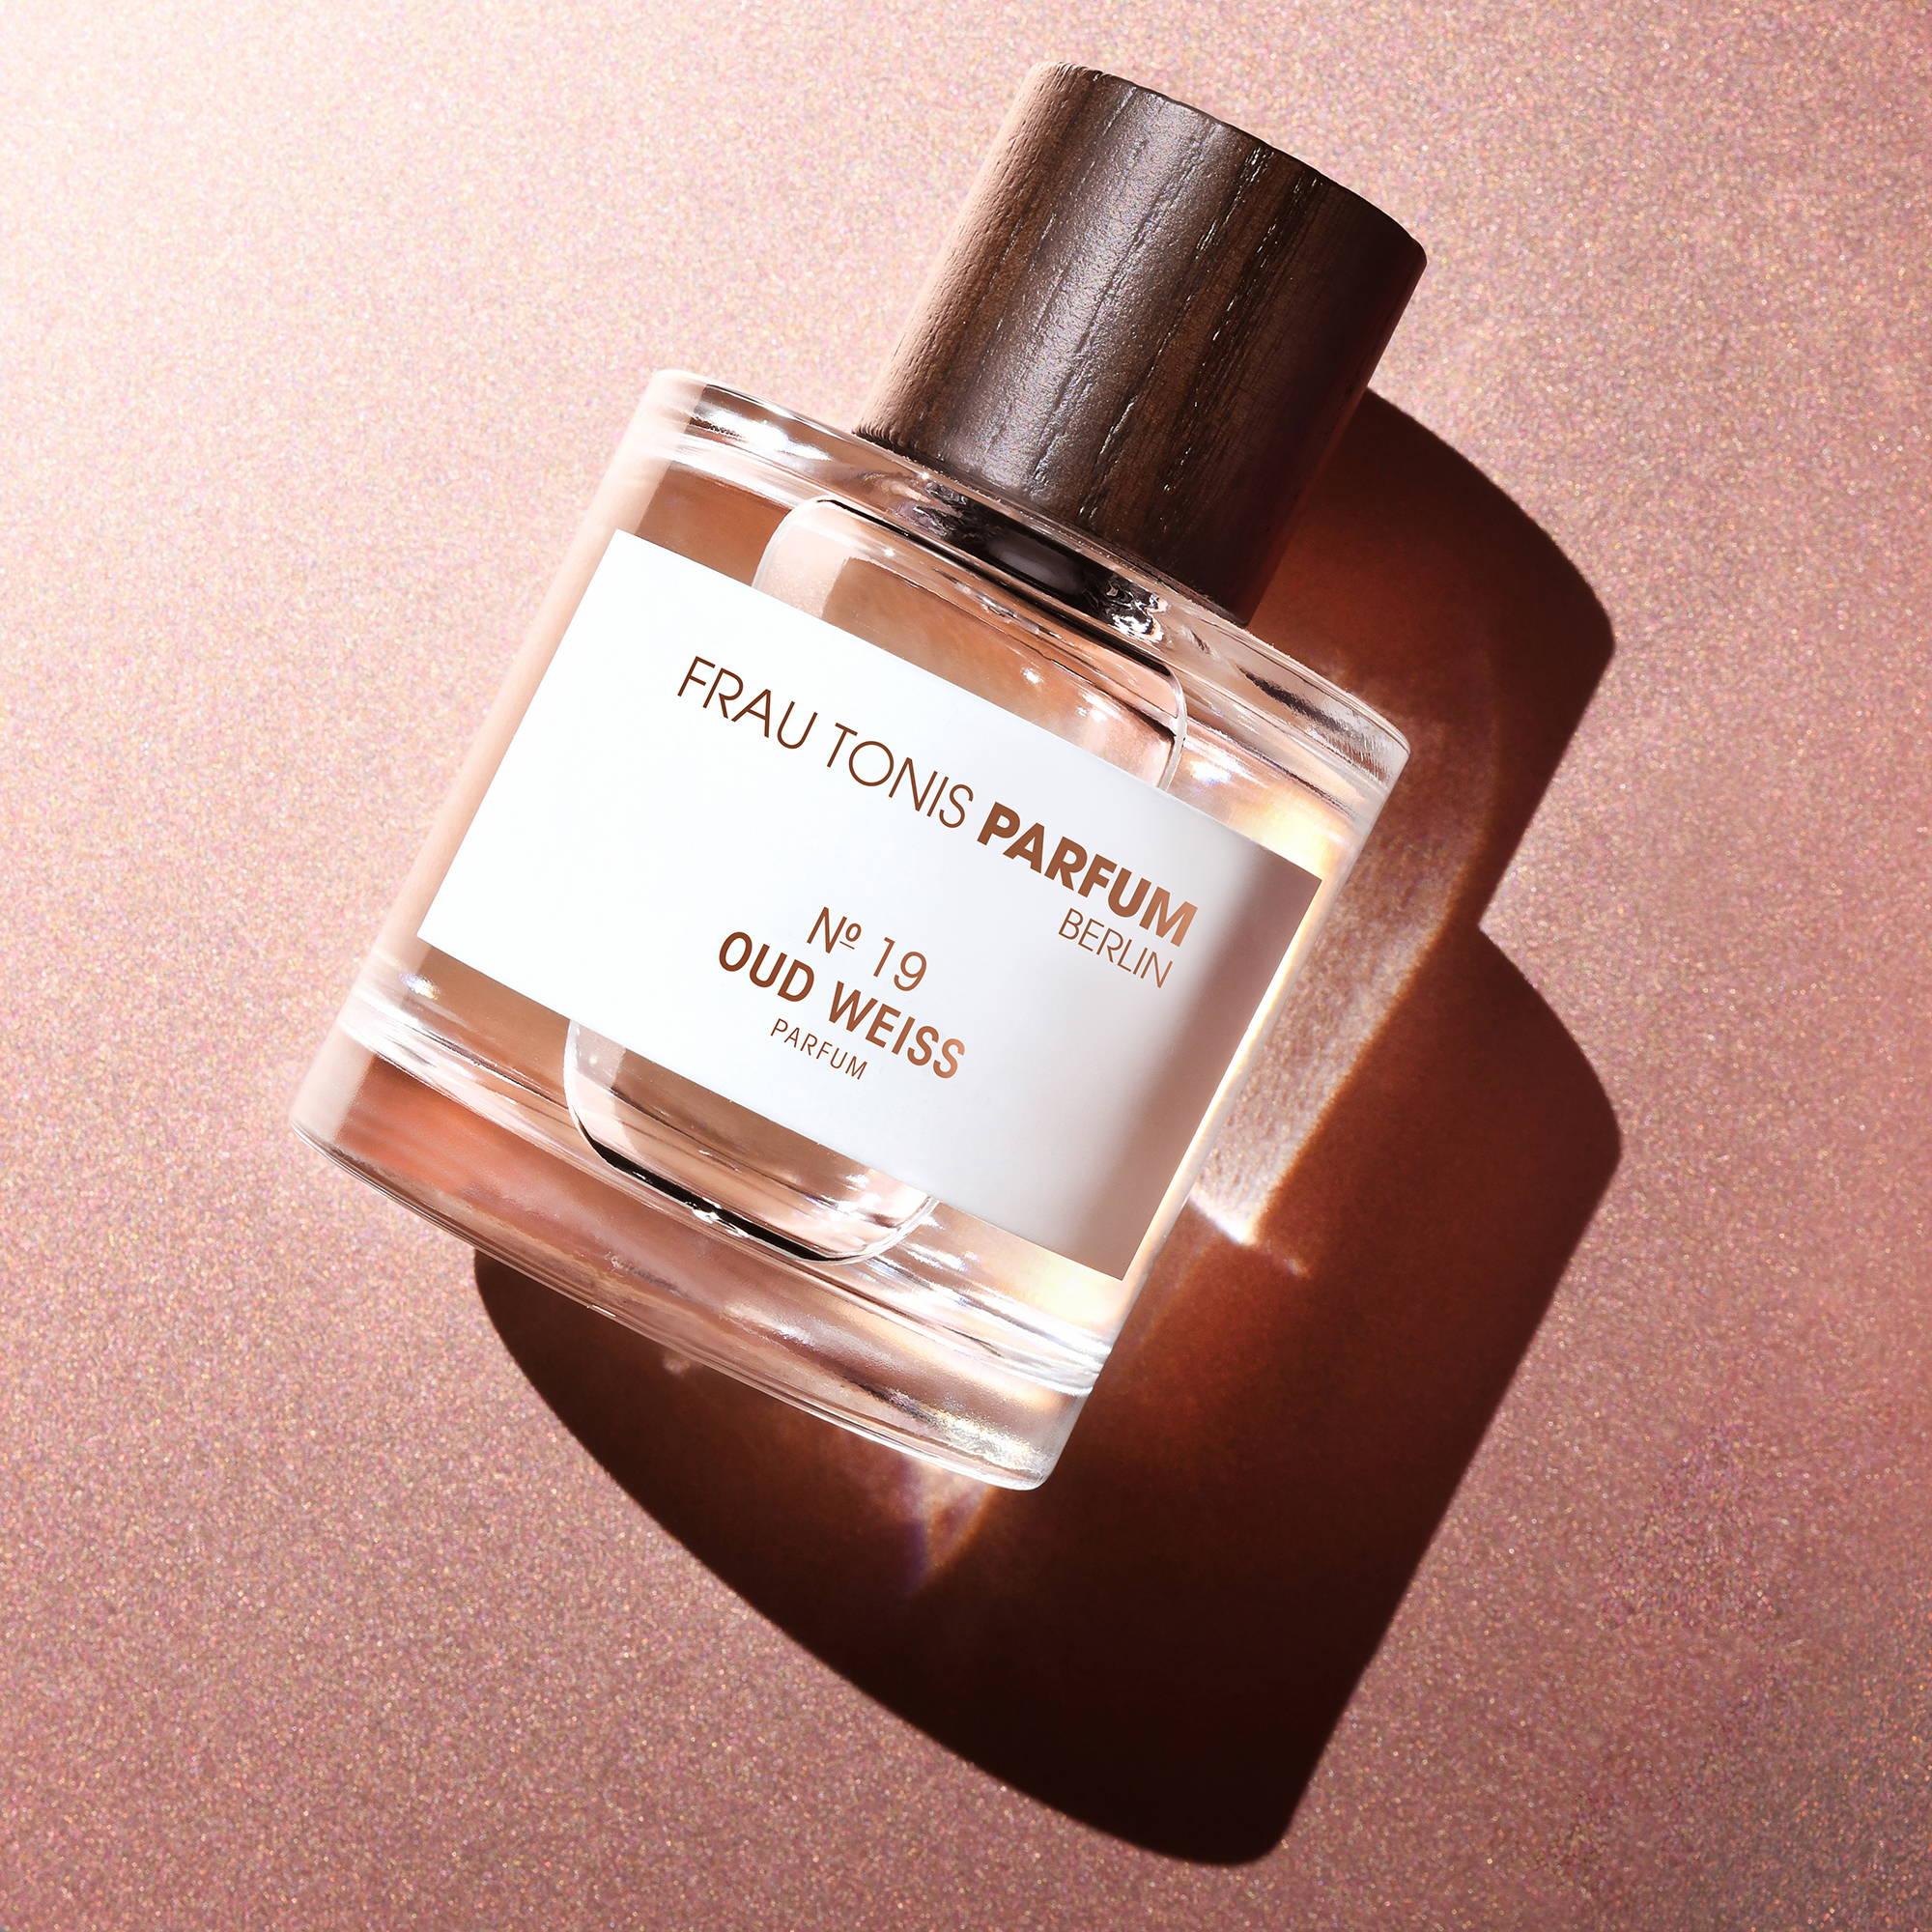 Frau Tonis - Berliner Parfum - Oud Weiss